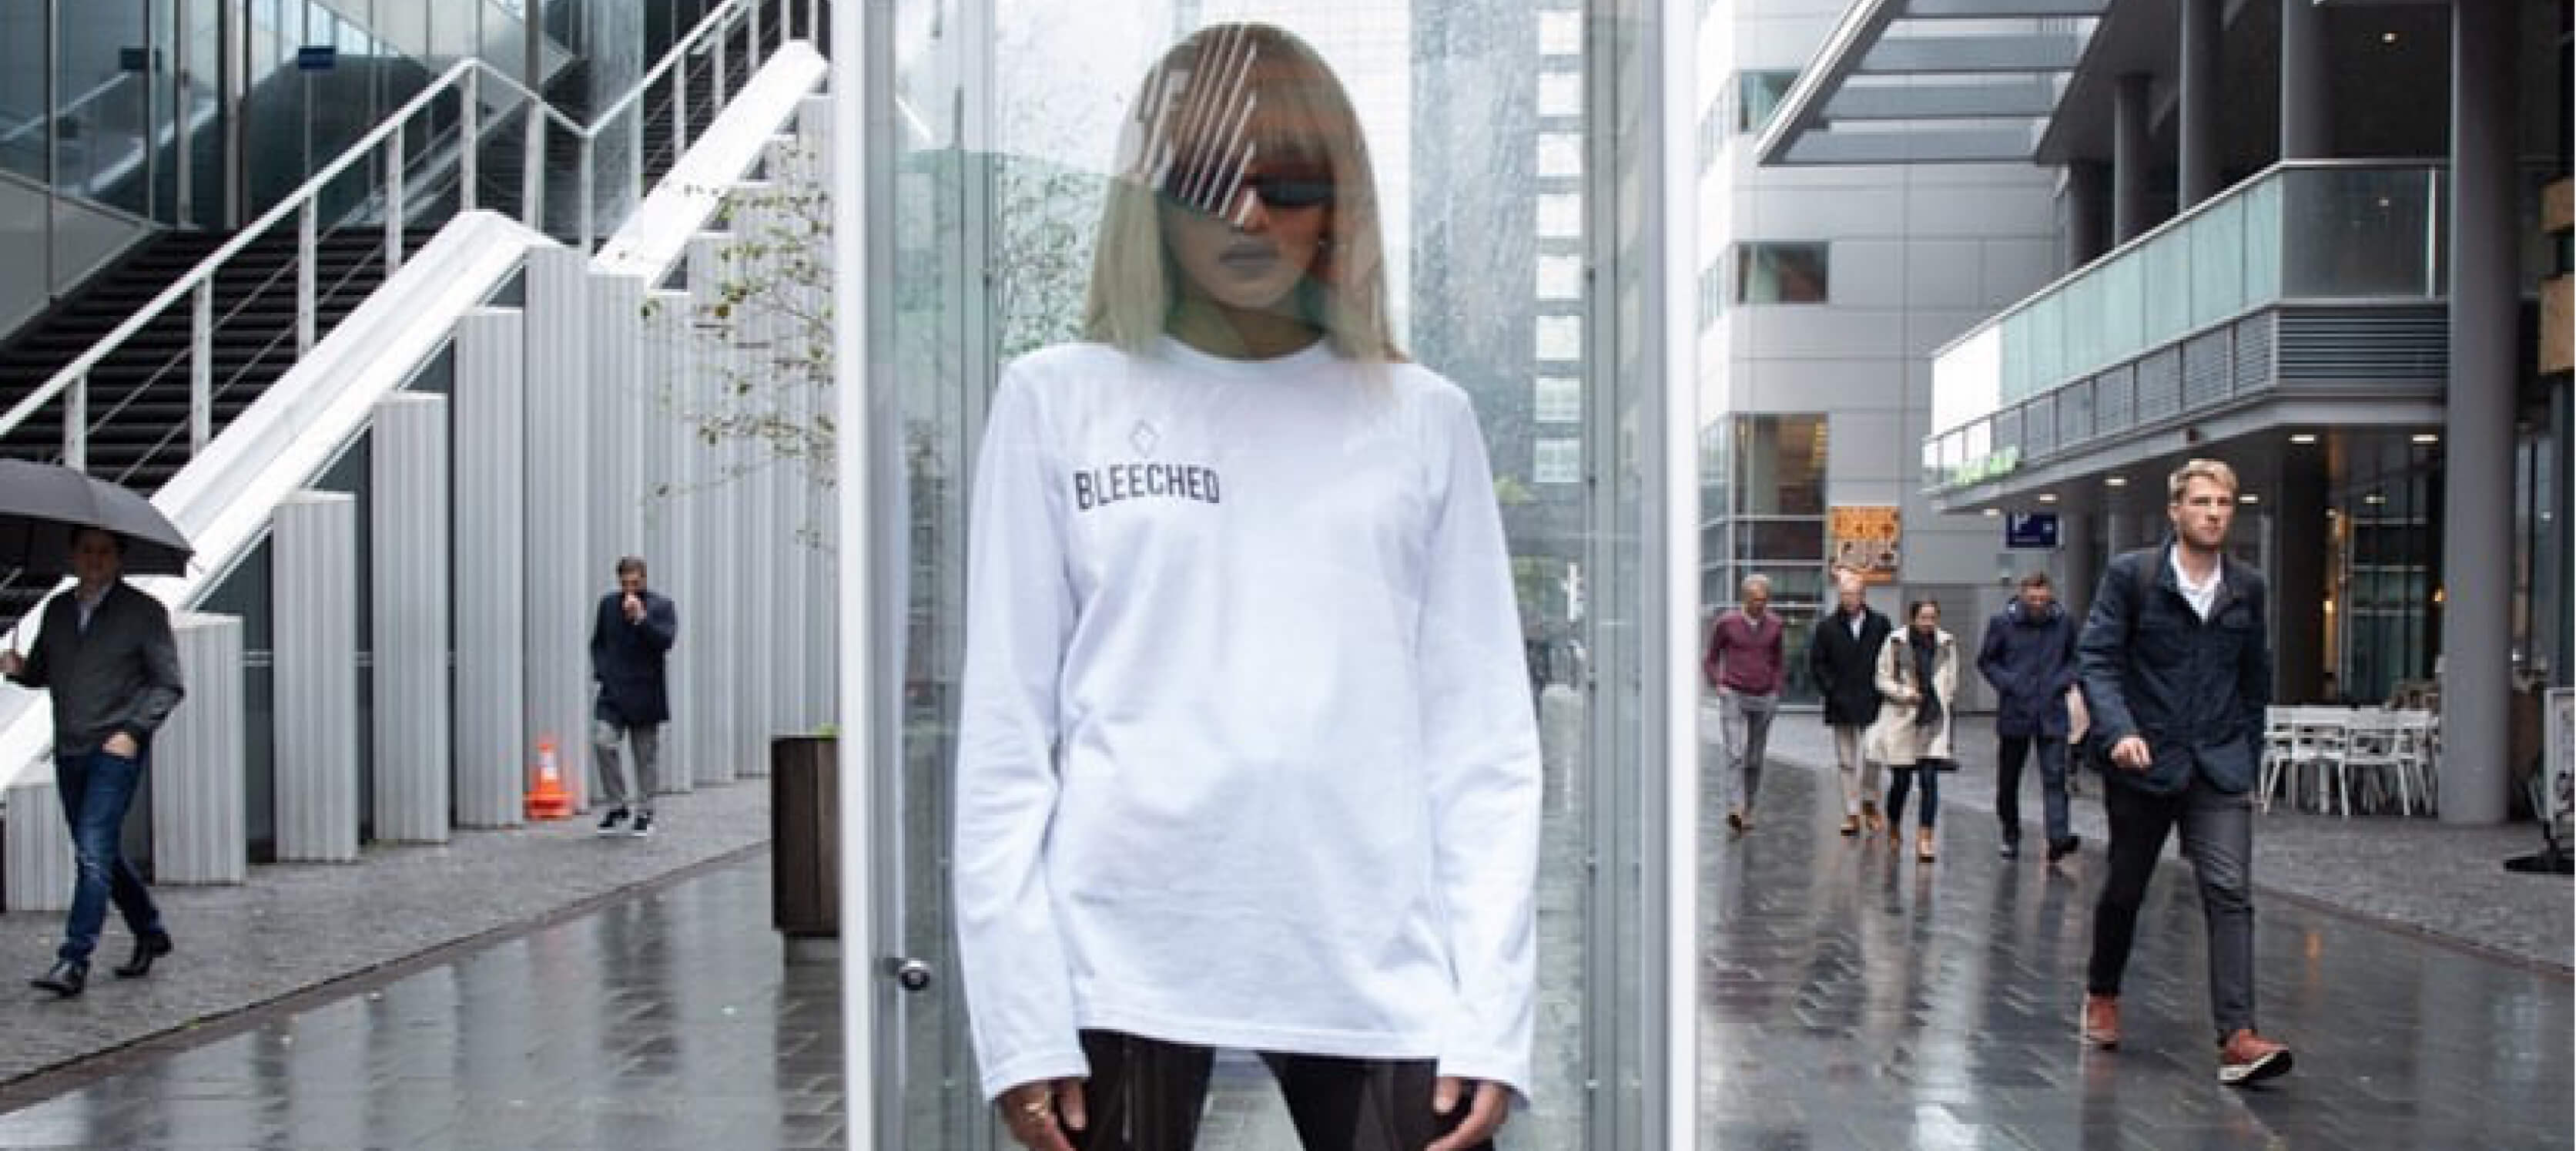 Nederlandse Modemerken in de Kijker: BLEECHED